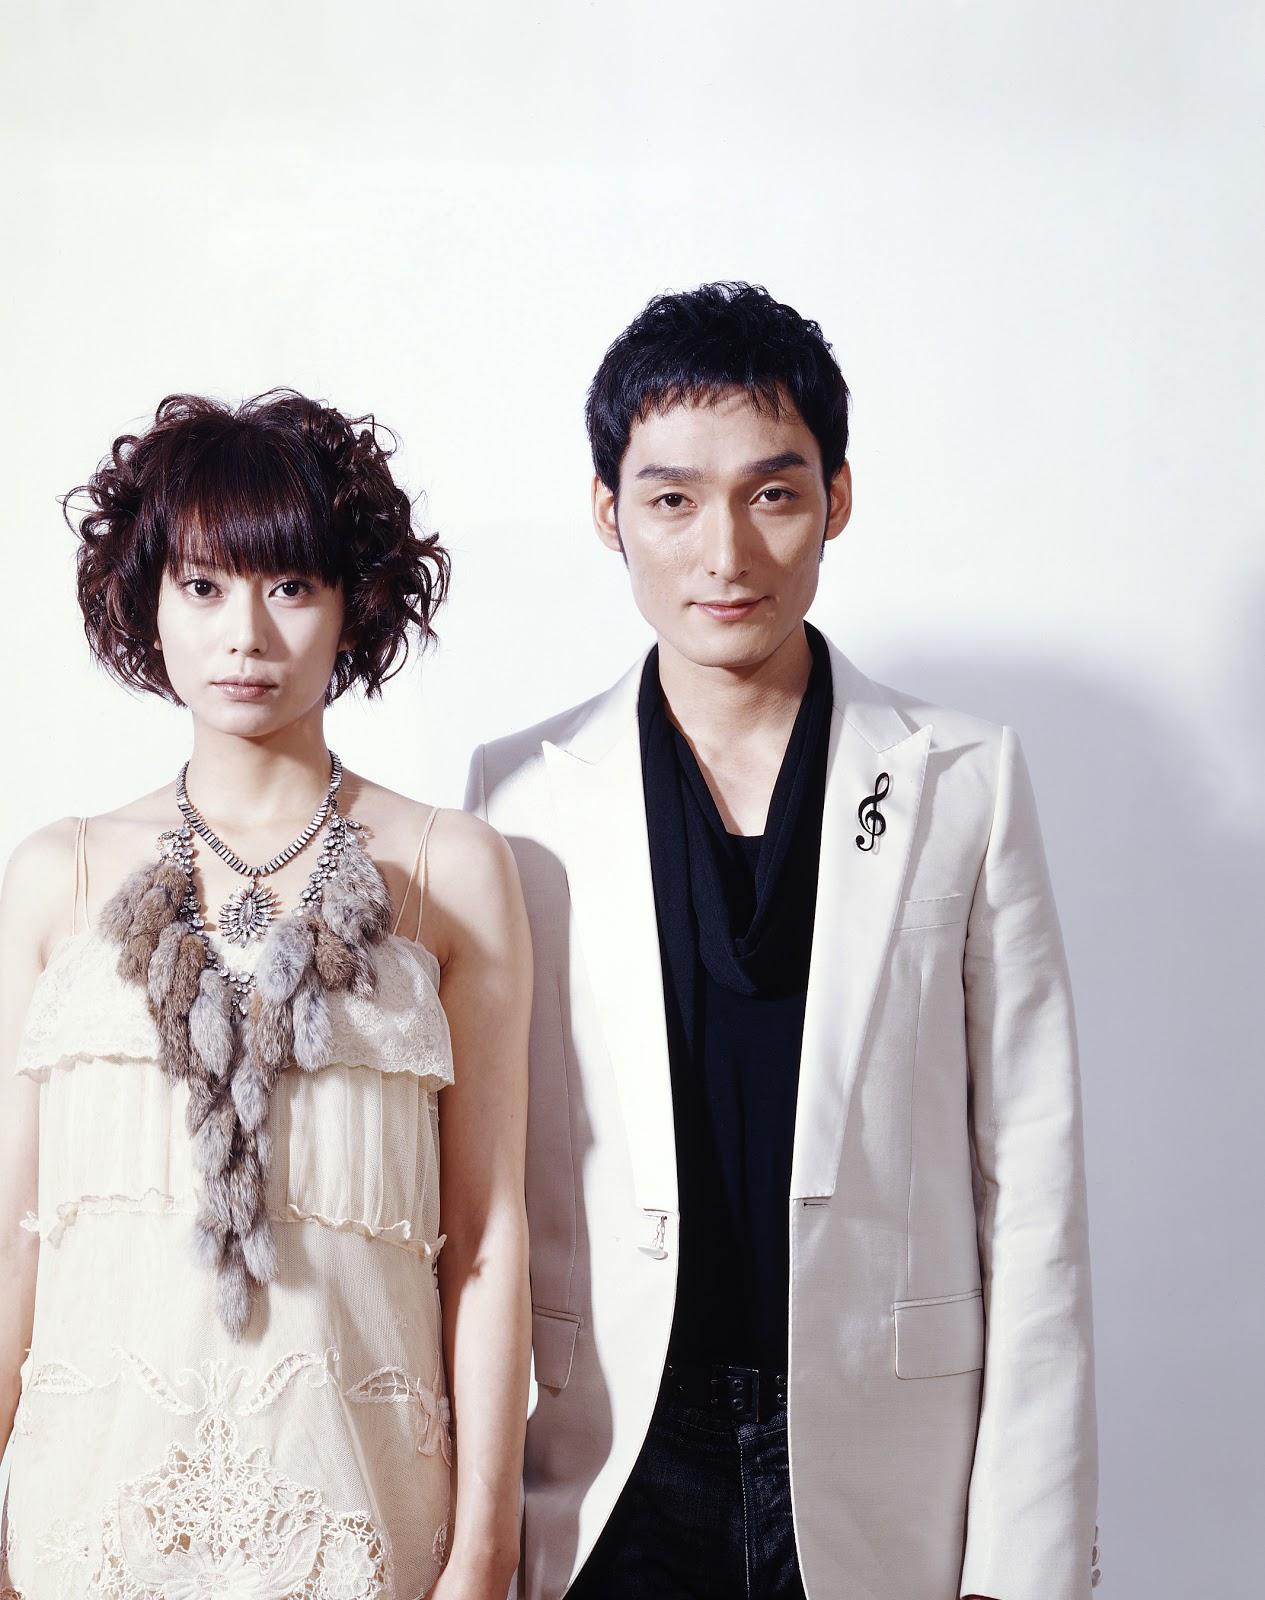 Shibasaki Kou, Kusanagi Tsuyoshi (Cut magazine)